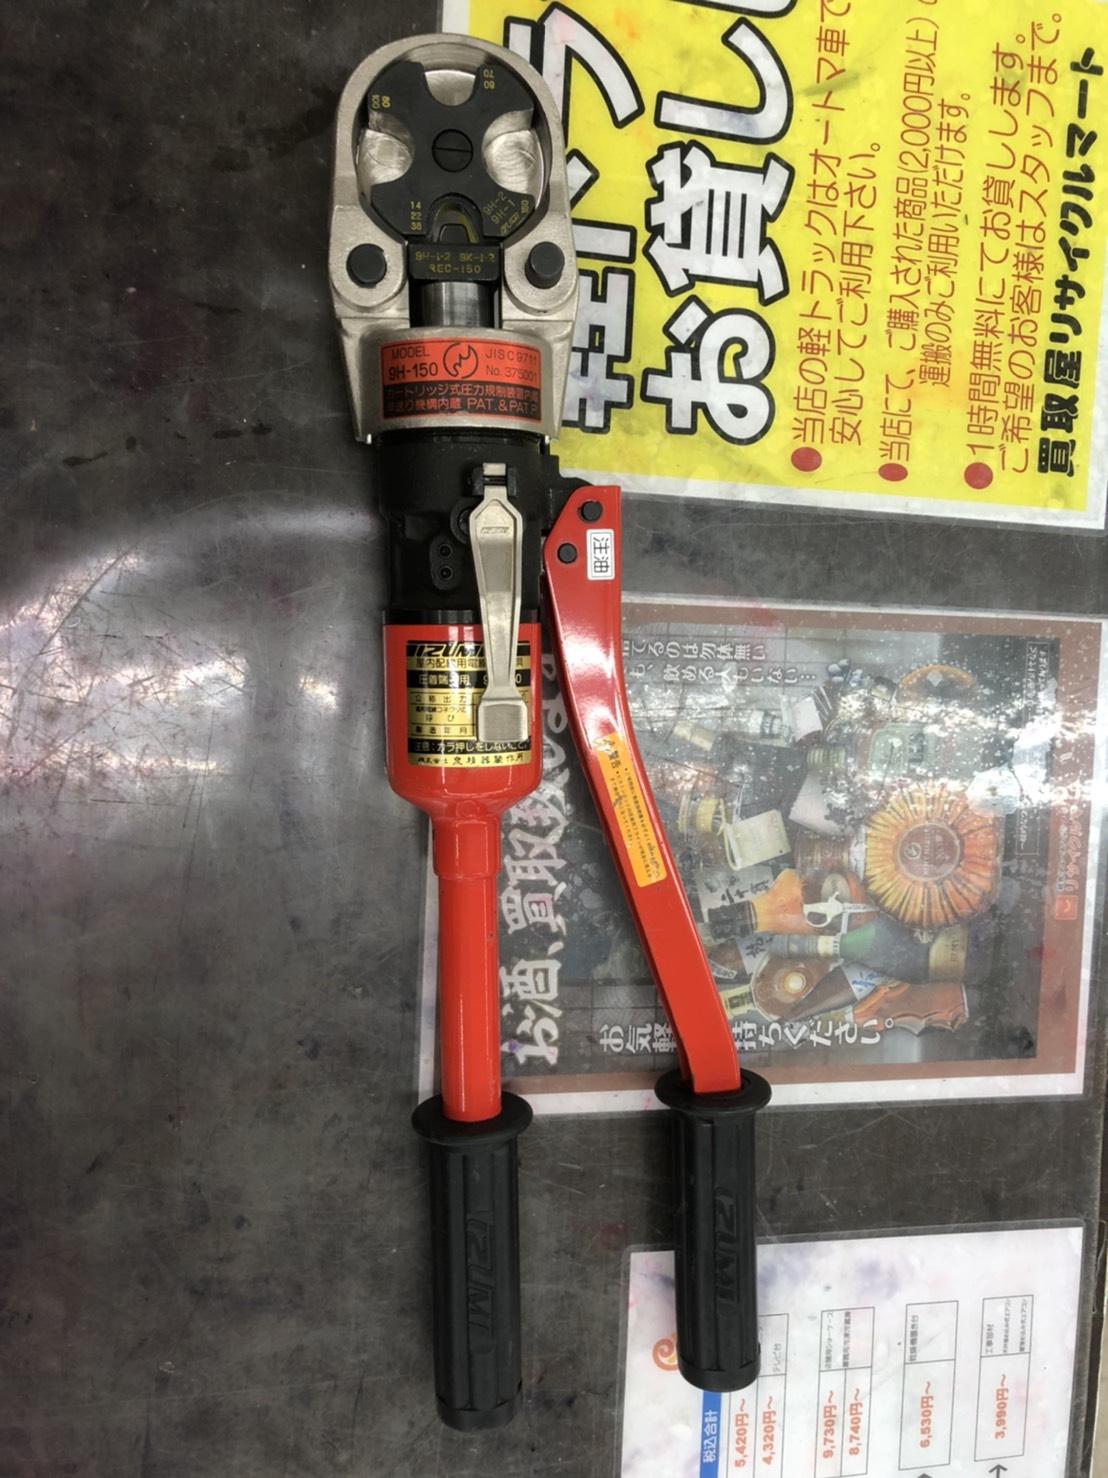 IZUMI 泉精器製作所 手動油圧式工具 油圧ヘッド分離式工具 9H-150 をお買取りさせて頂きました!!の買取-